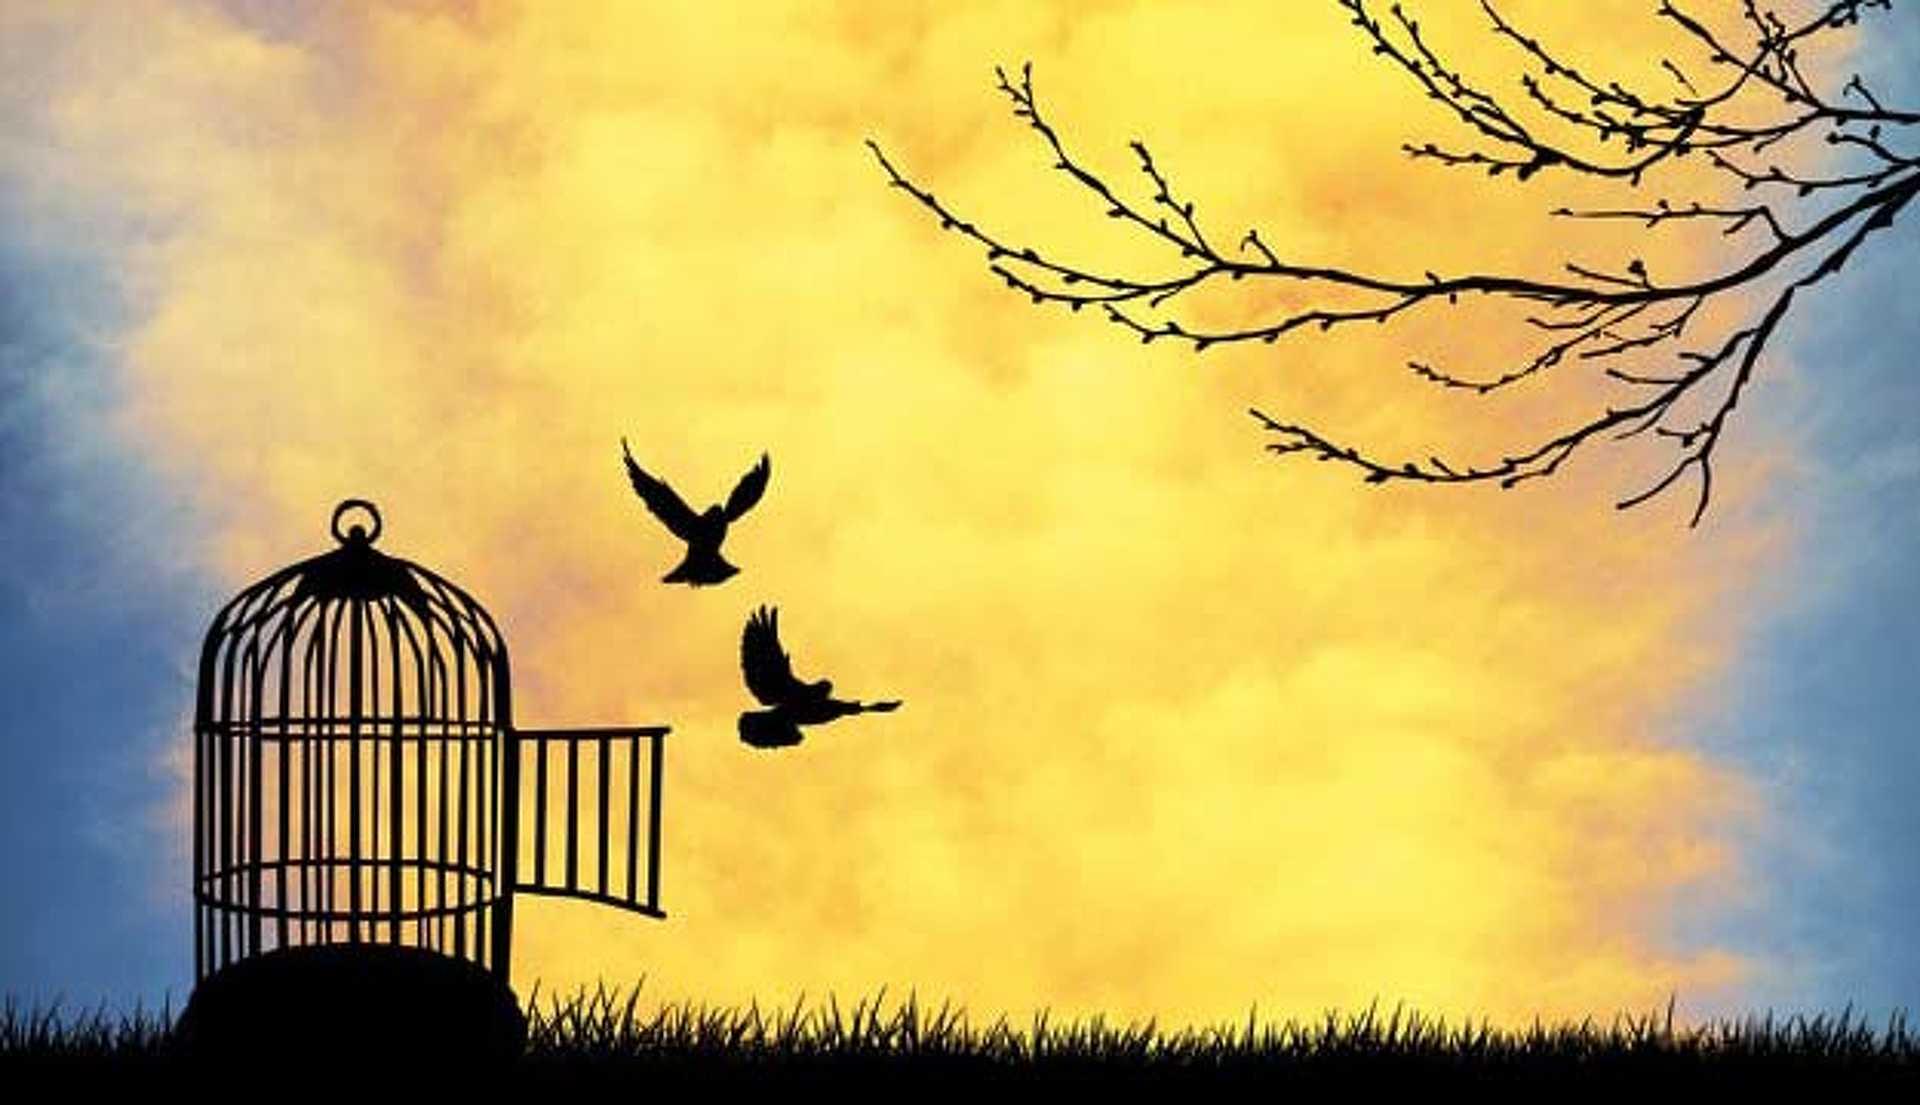 Amíg nem jutunk el a felvállalásig a világ olyan, mint a madárnak a kalitka. A szabadság érzése csak illúzió.